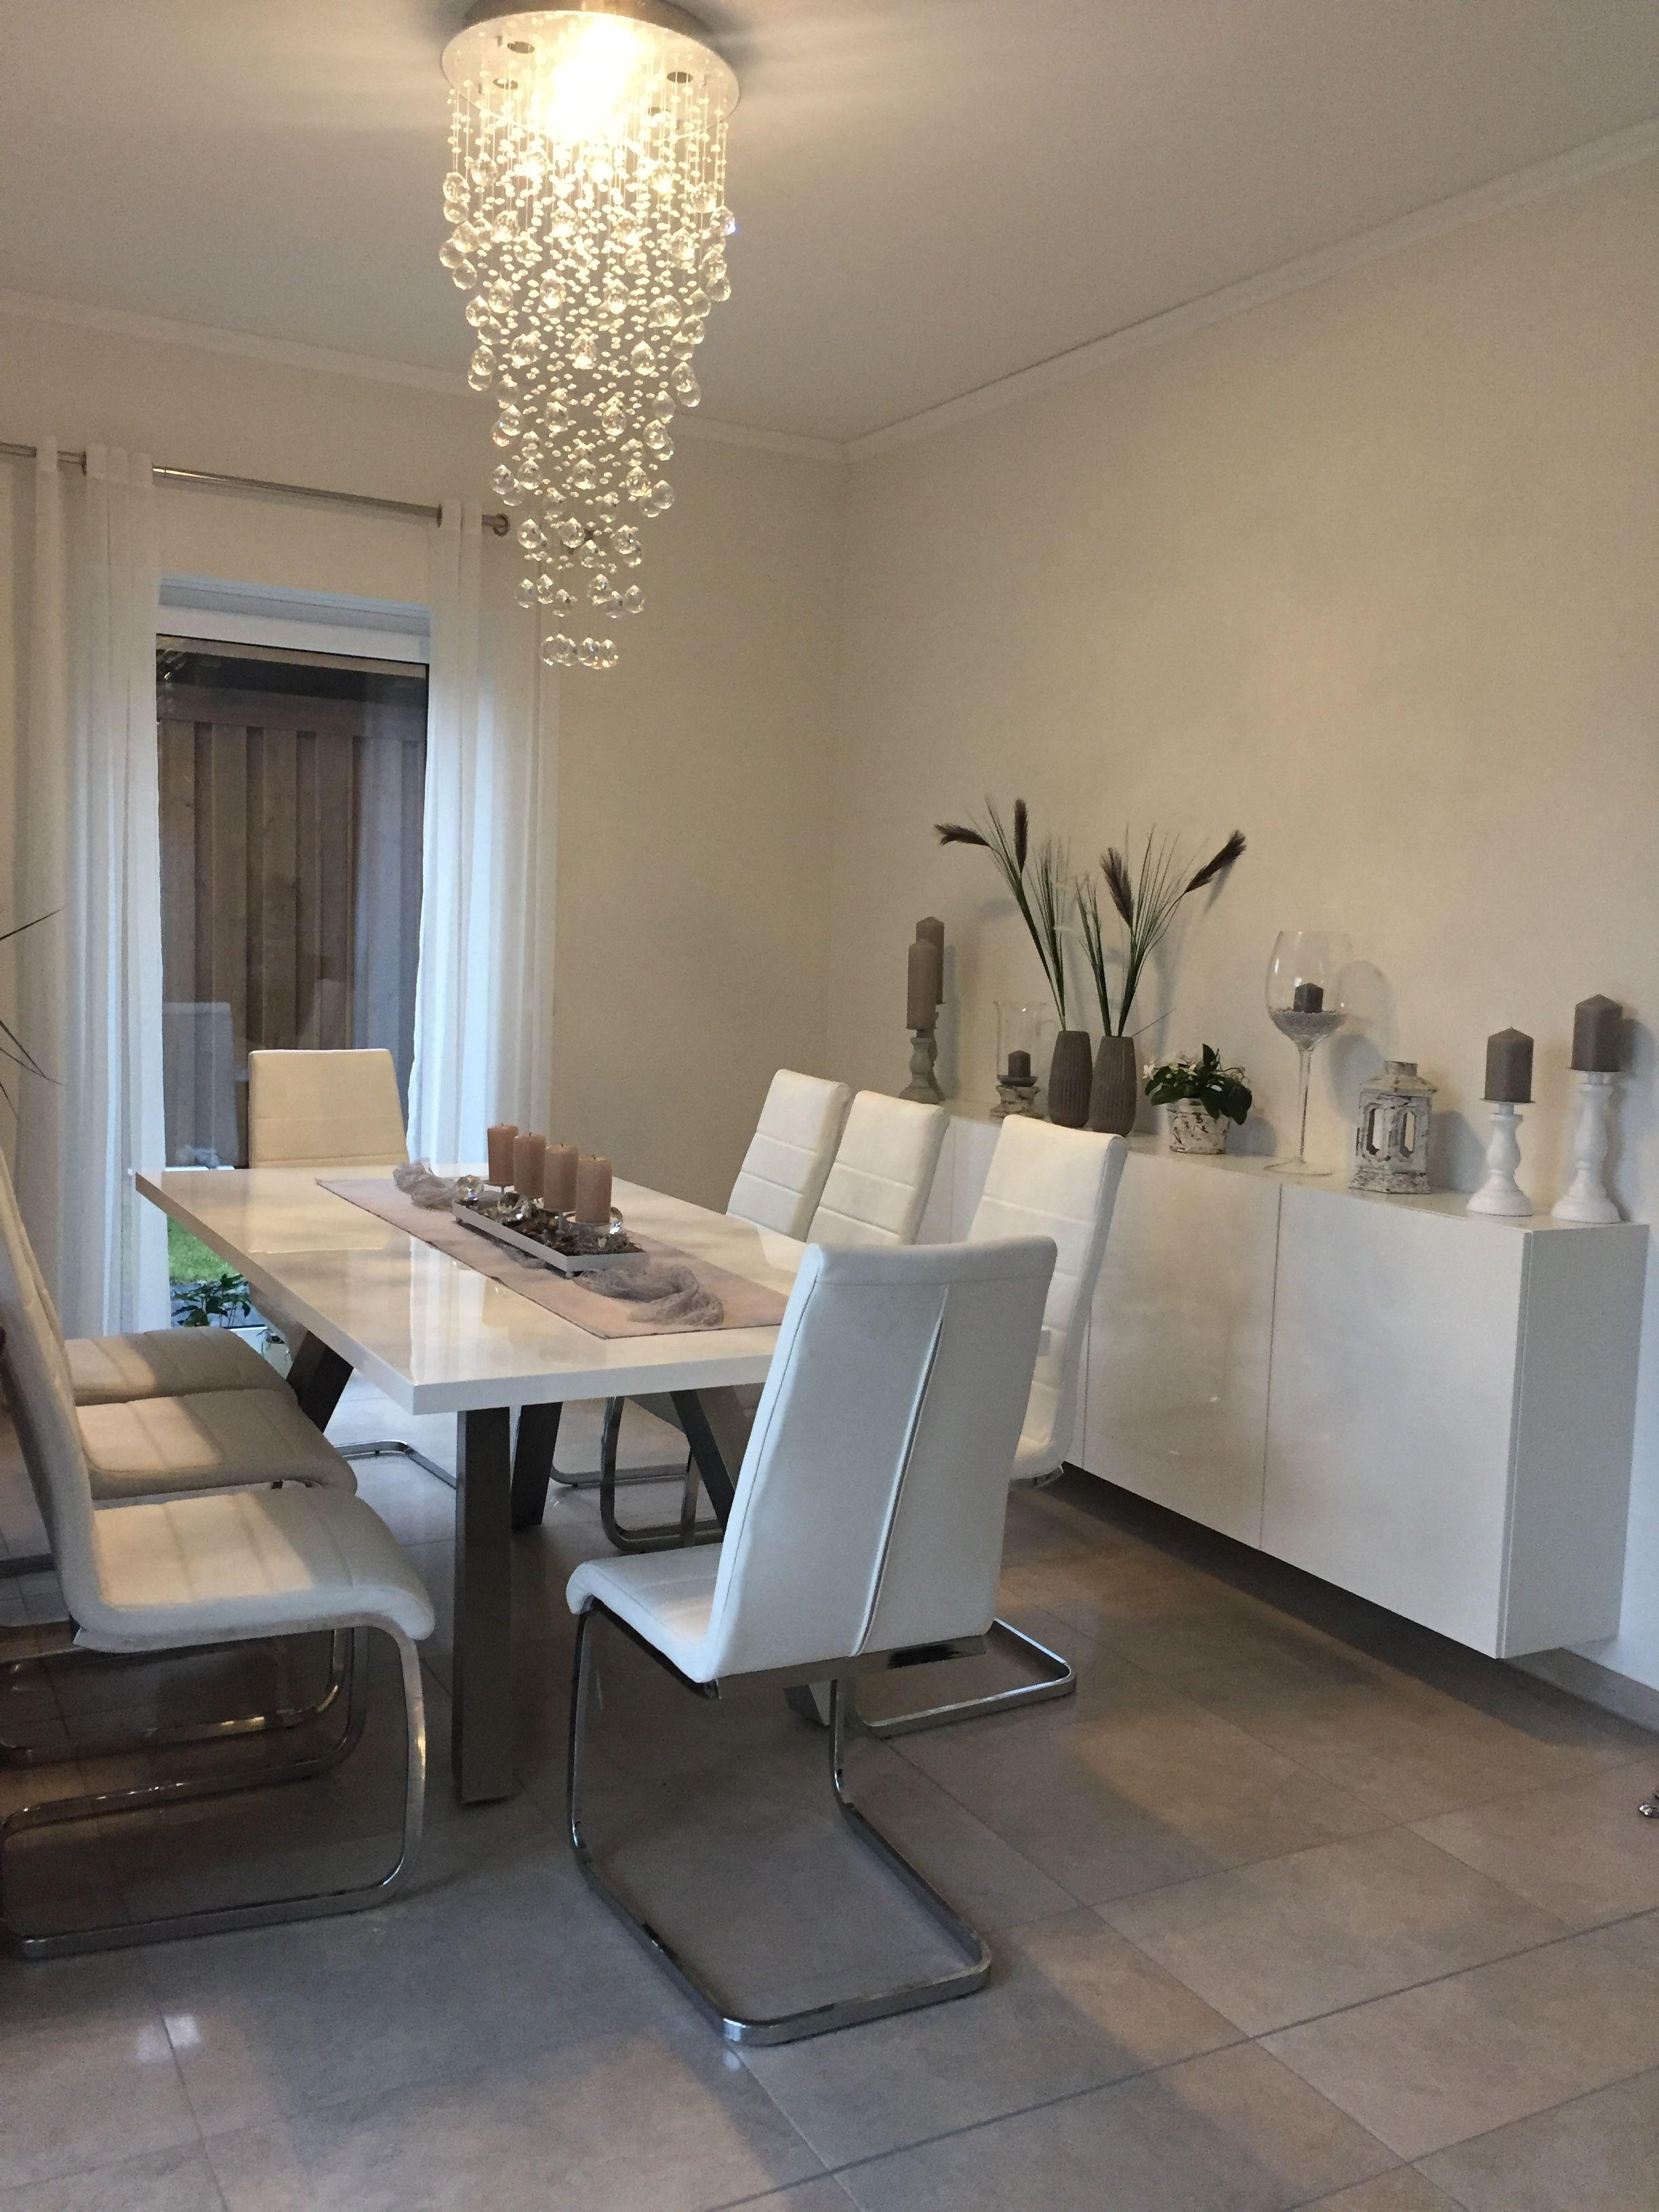 Wohnzimmer, Wohnen, Ikea Hacks, Nova